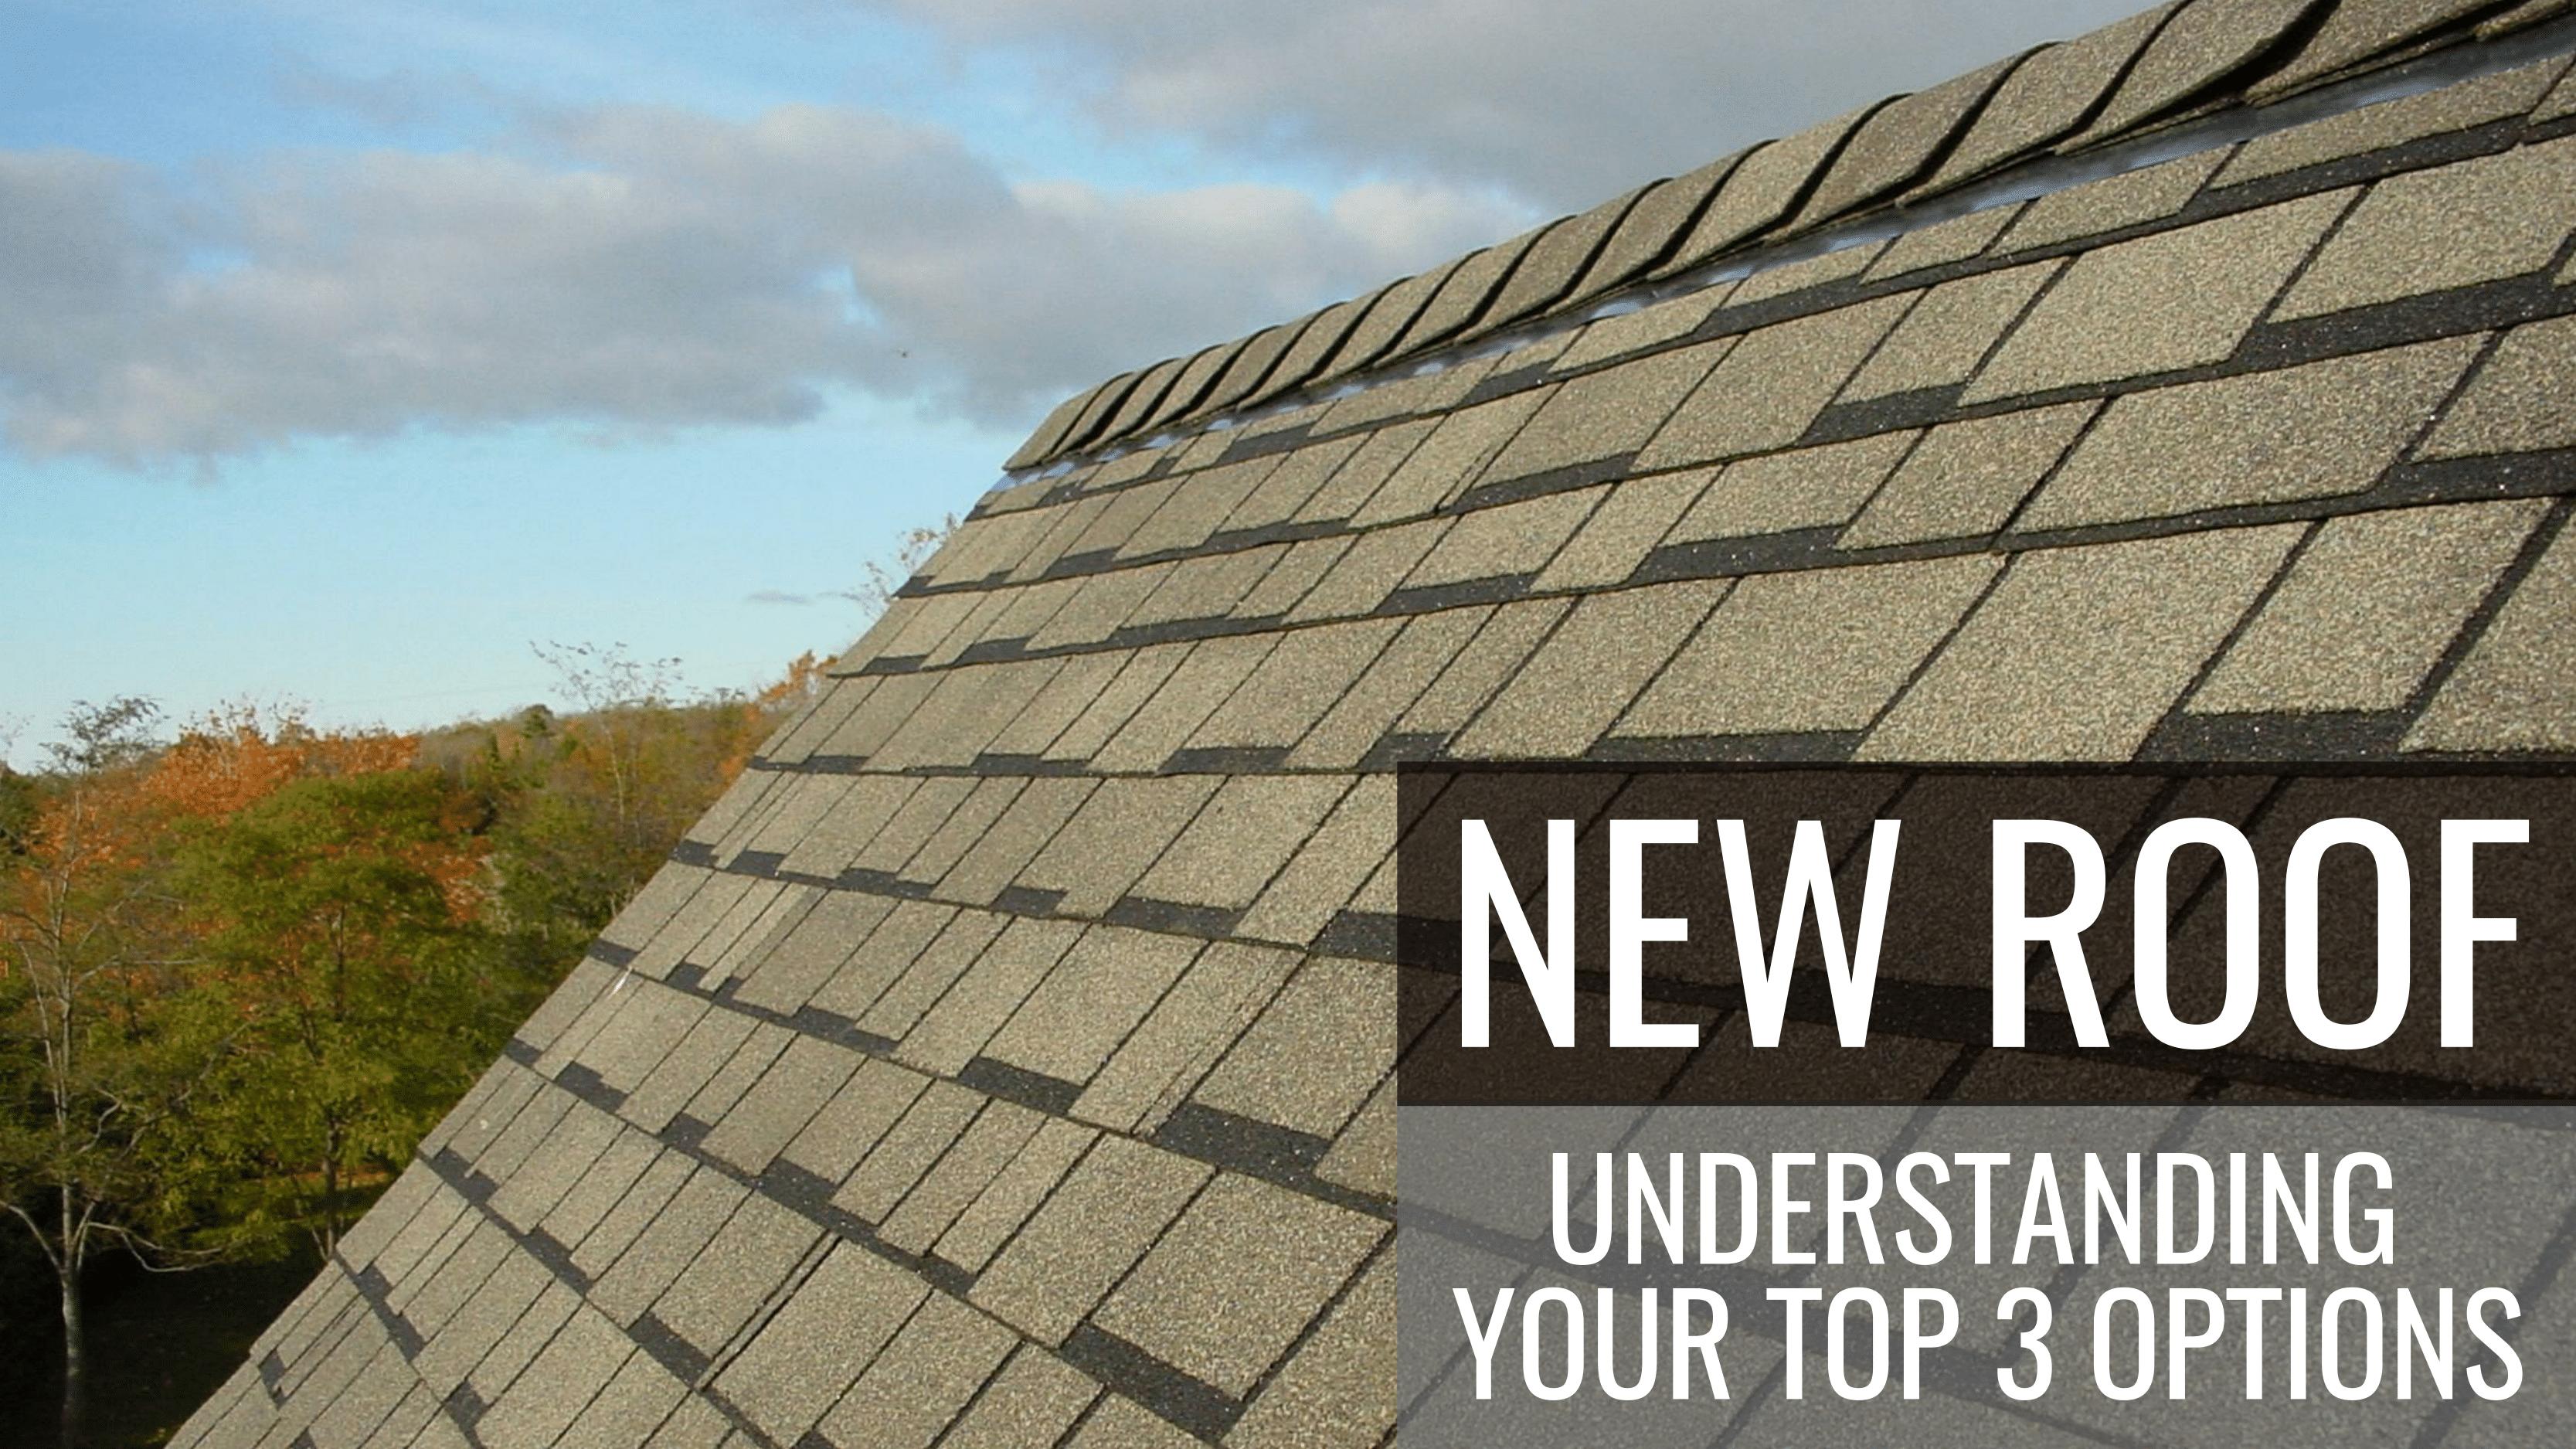 New Roof Understanding Your Top 3 Options Best Shingles